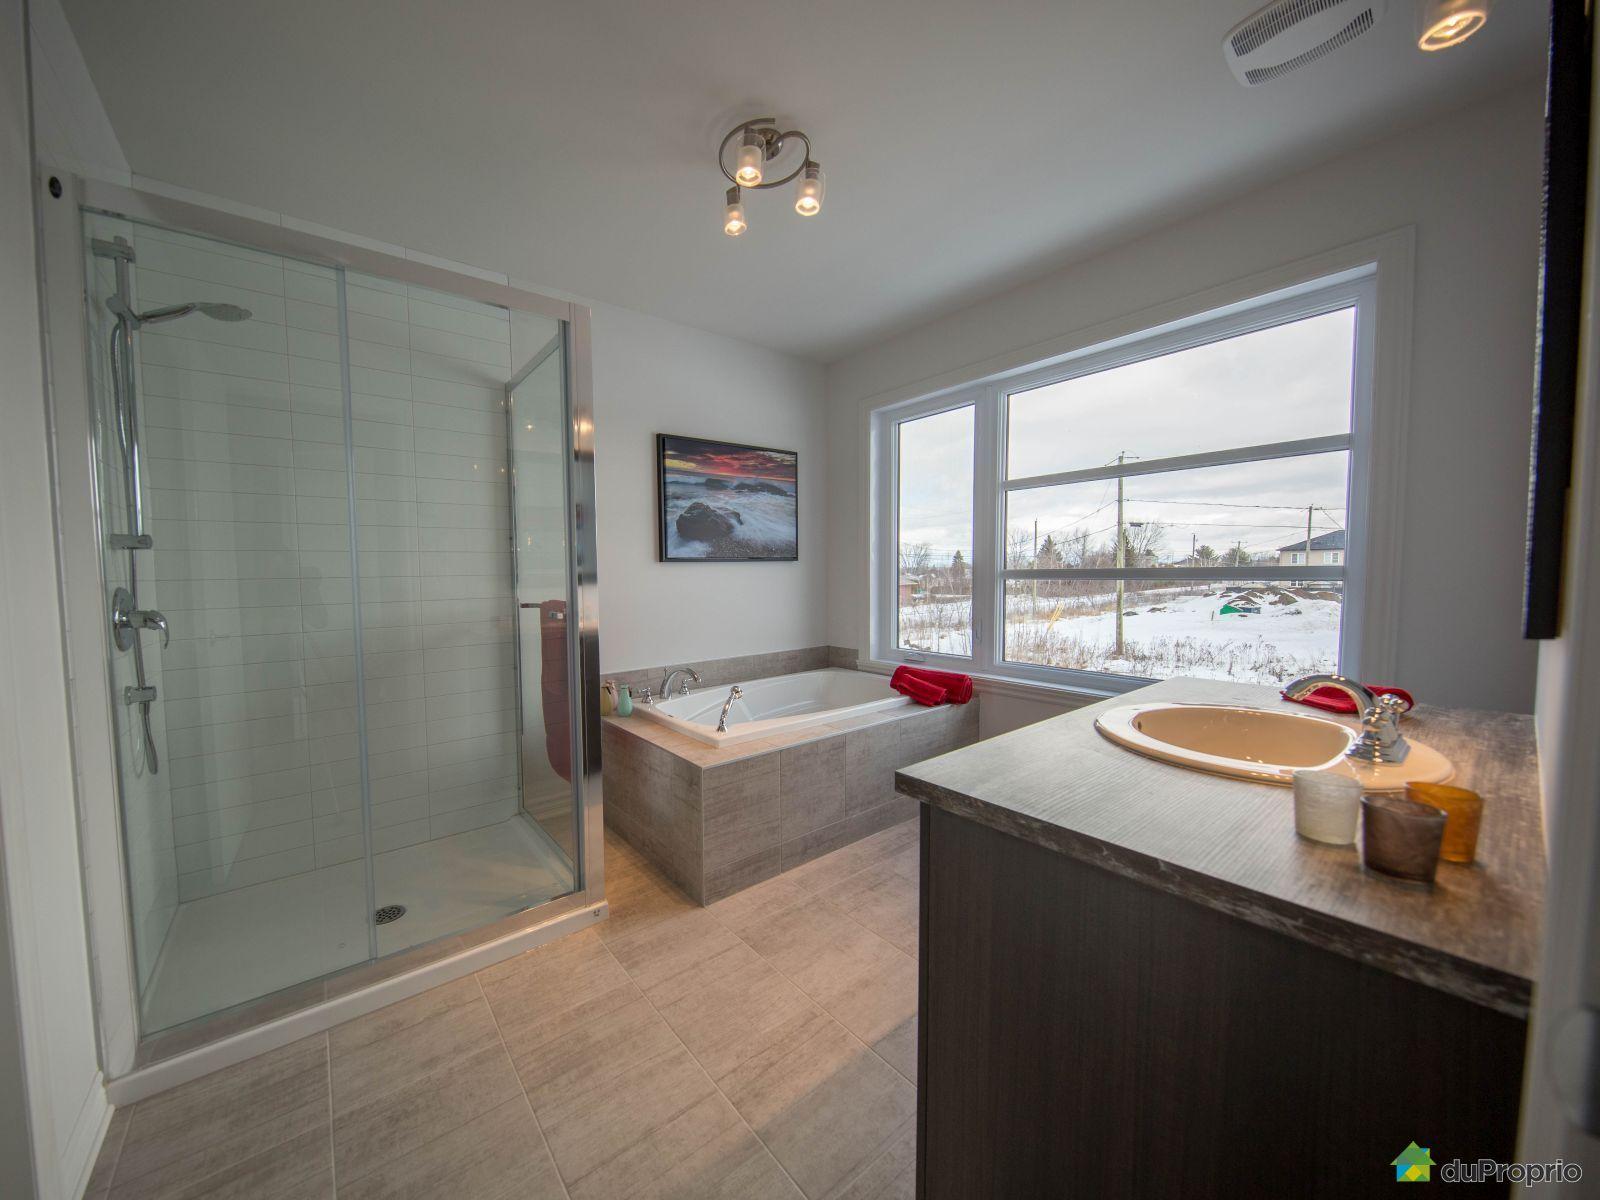 Maison Neuve Vendre Montr Al 853 4e Avenue Mod Le Le